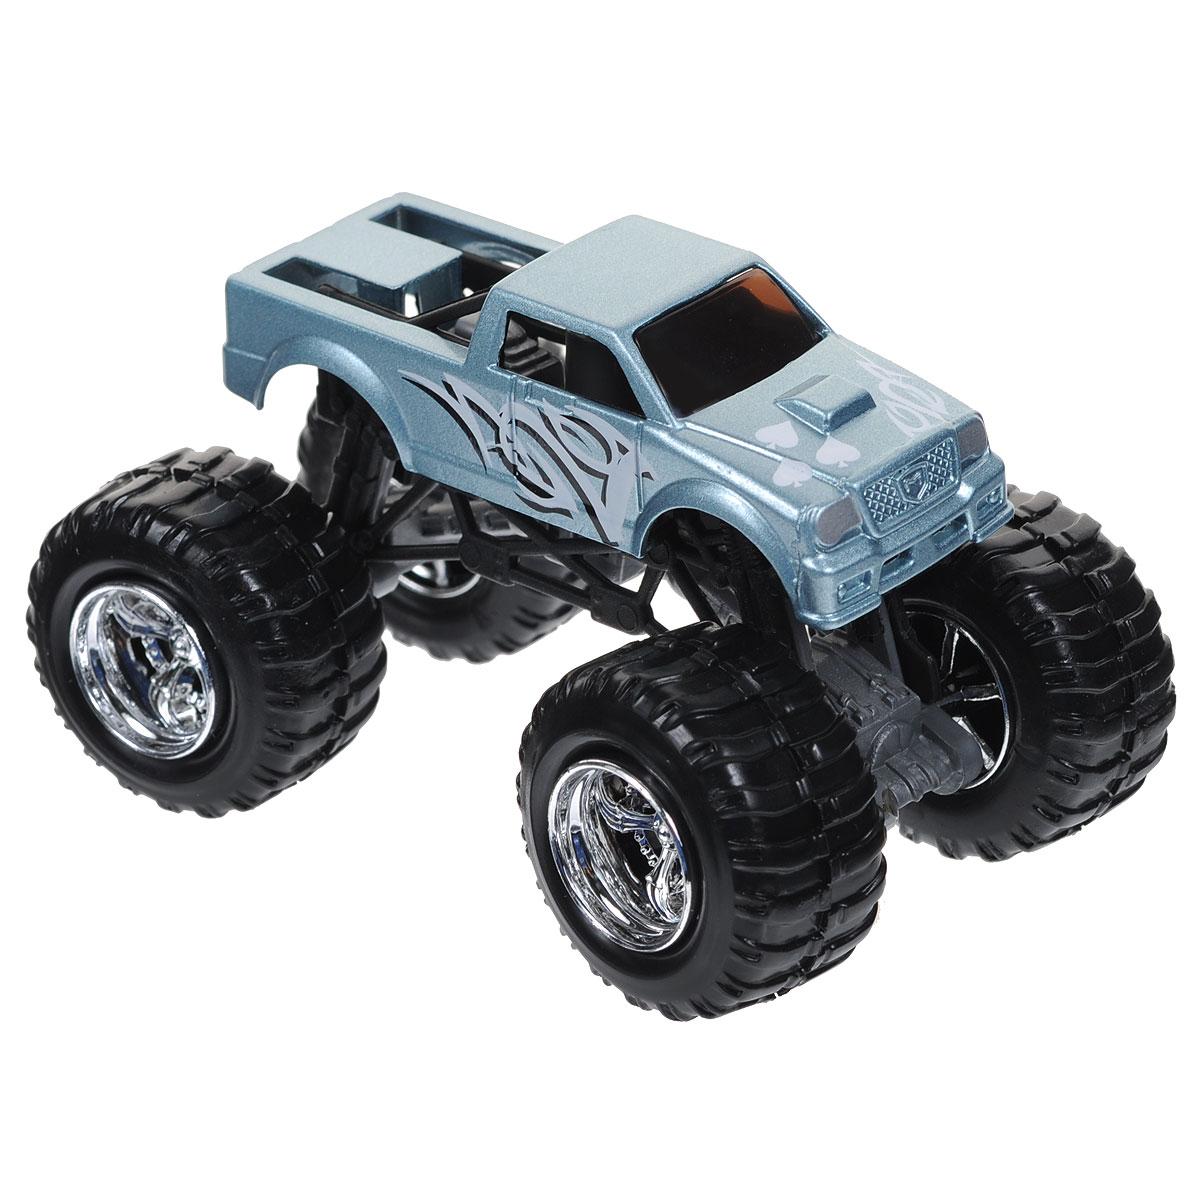 Купить Машинка MotorMax Багги , цвет: серо-голубой, MOTORMAX TOY FACTORY, Машинки